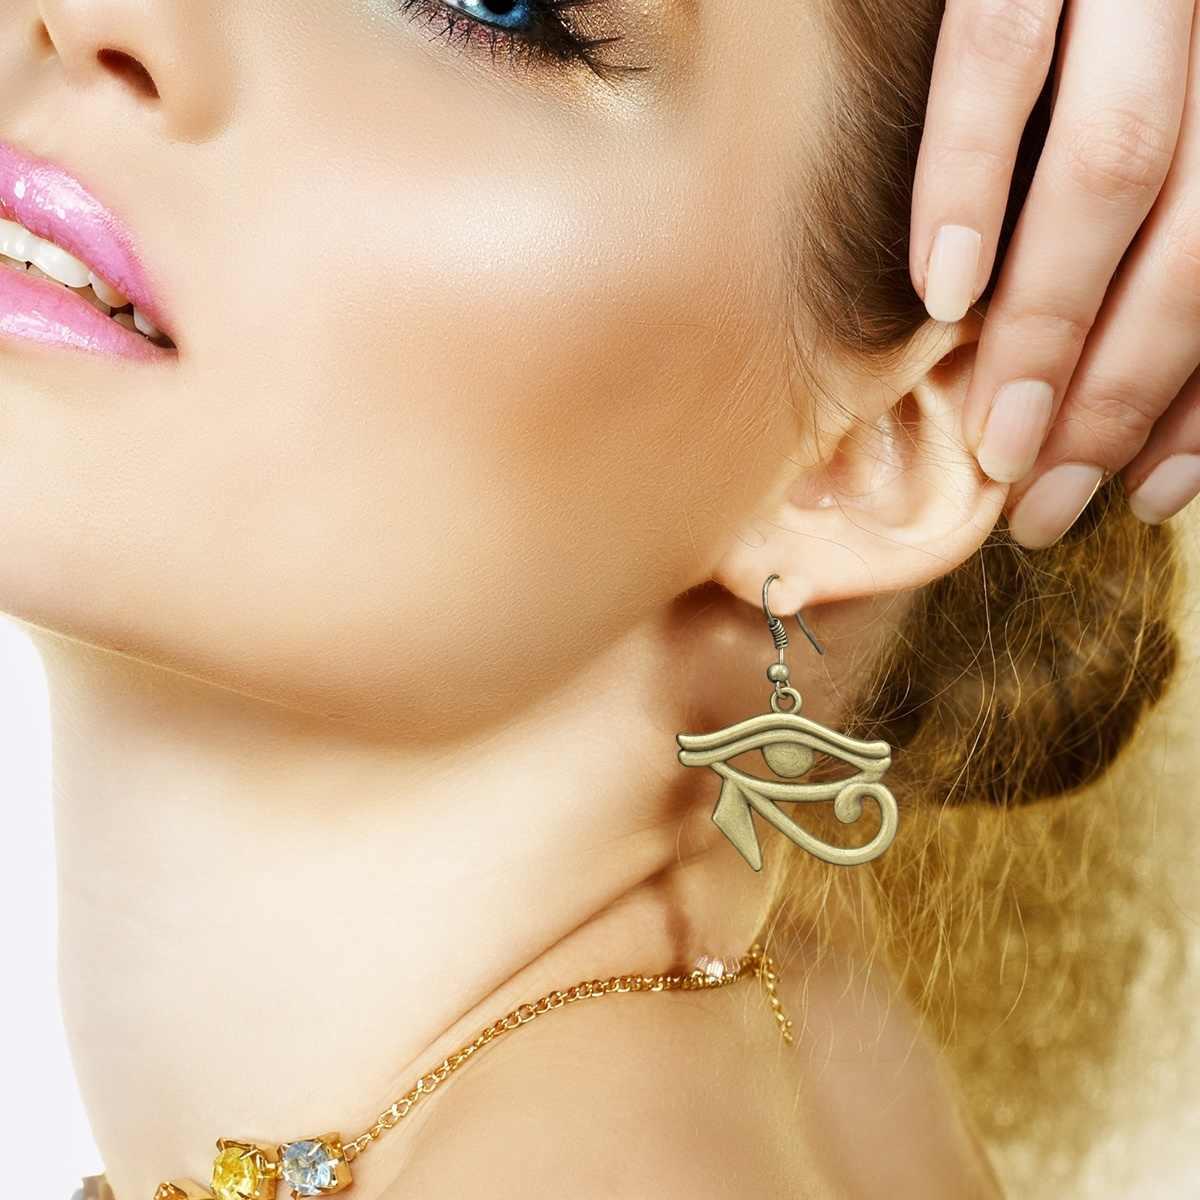 Женские винтажные серьги-подвески из нержавеющей стали, Винтажные висячие ювелирные украшения в форме коры, египетского глаз Орта, золотого цвета, подарок для женщин